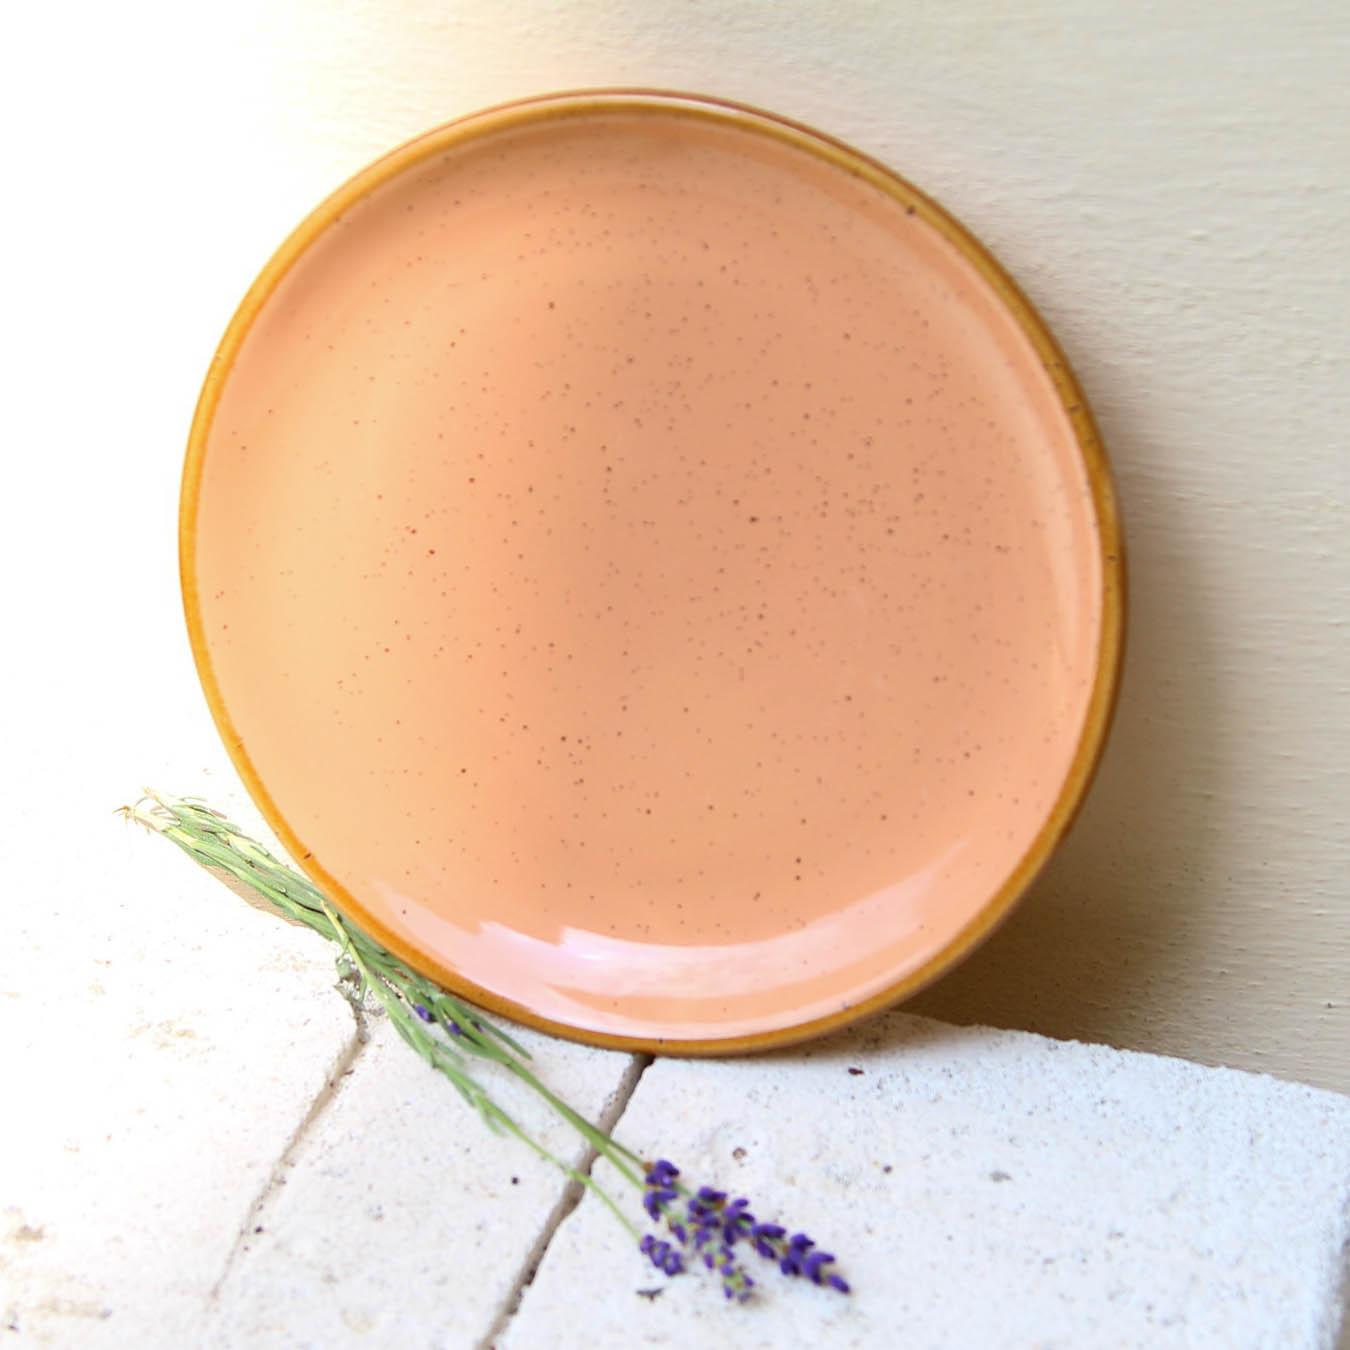 Farfurie de desert Gardena din ceramica corai 20 cm chicville 2021